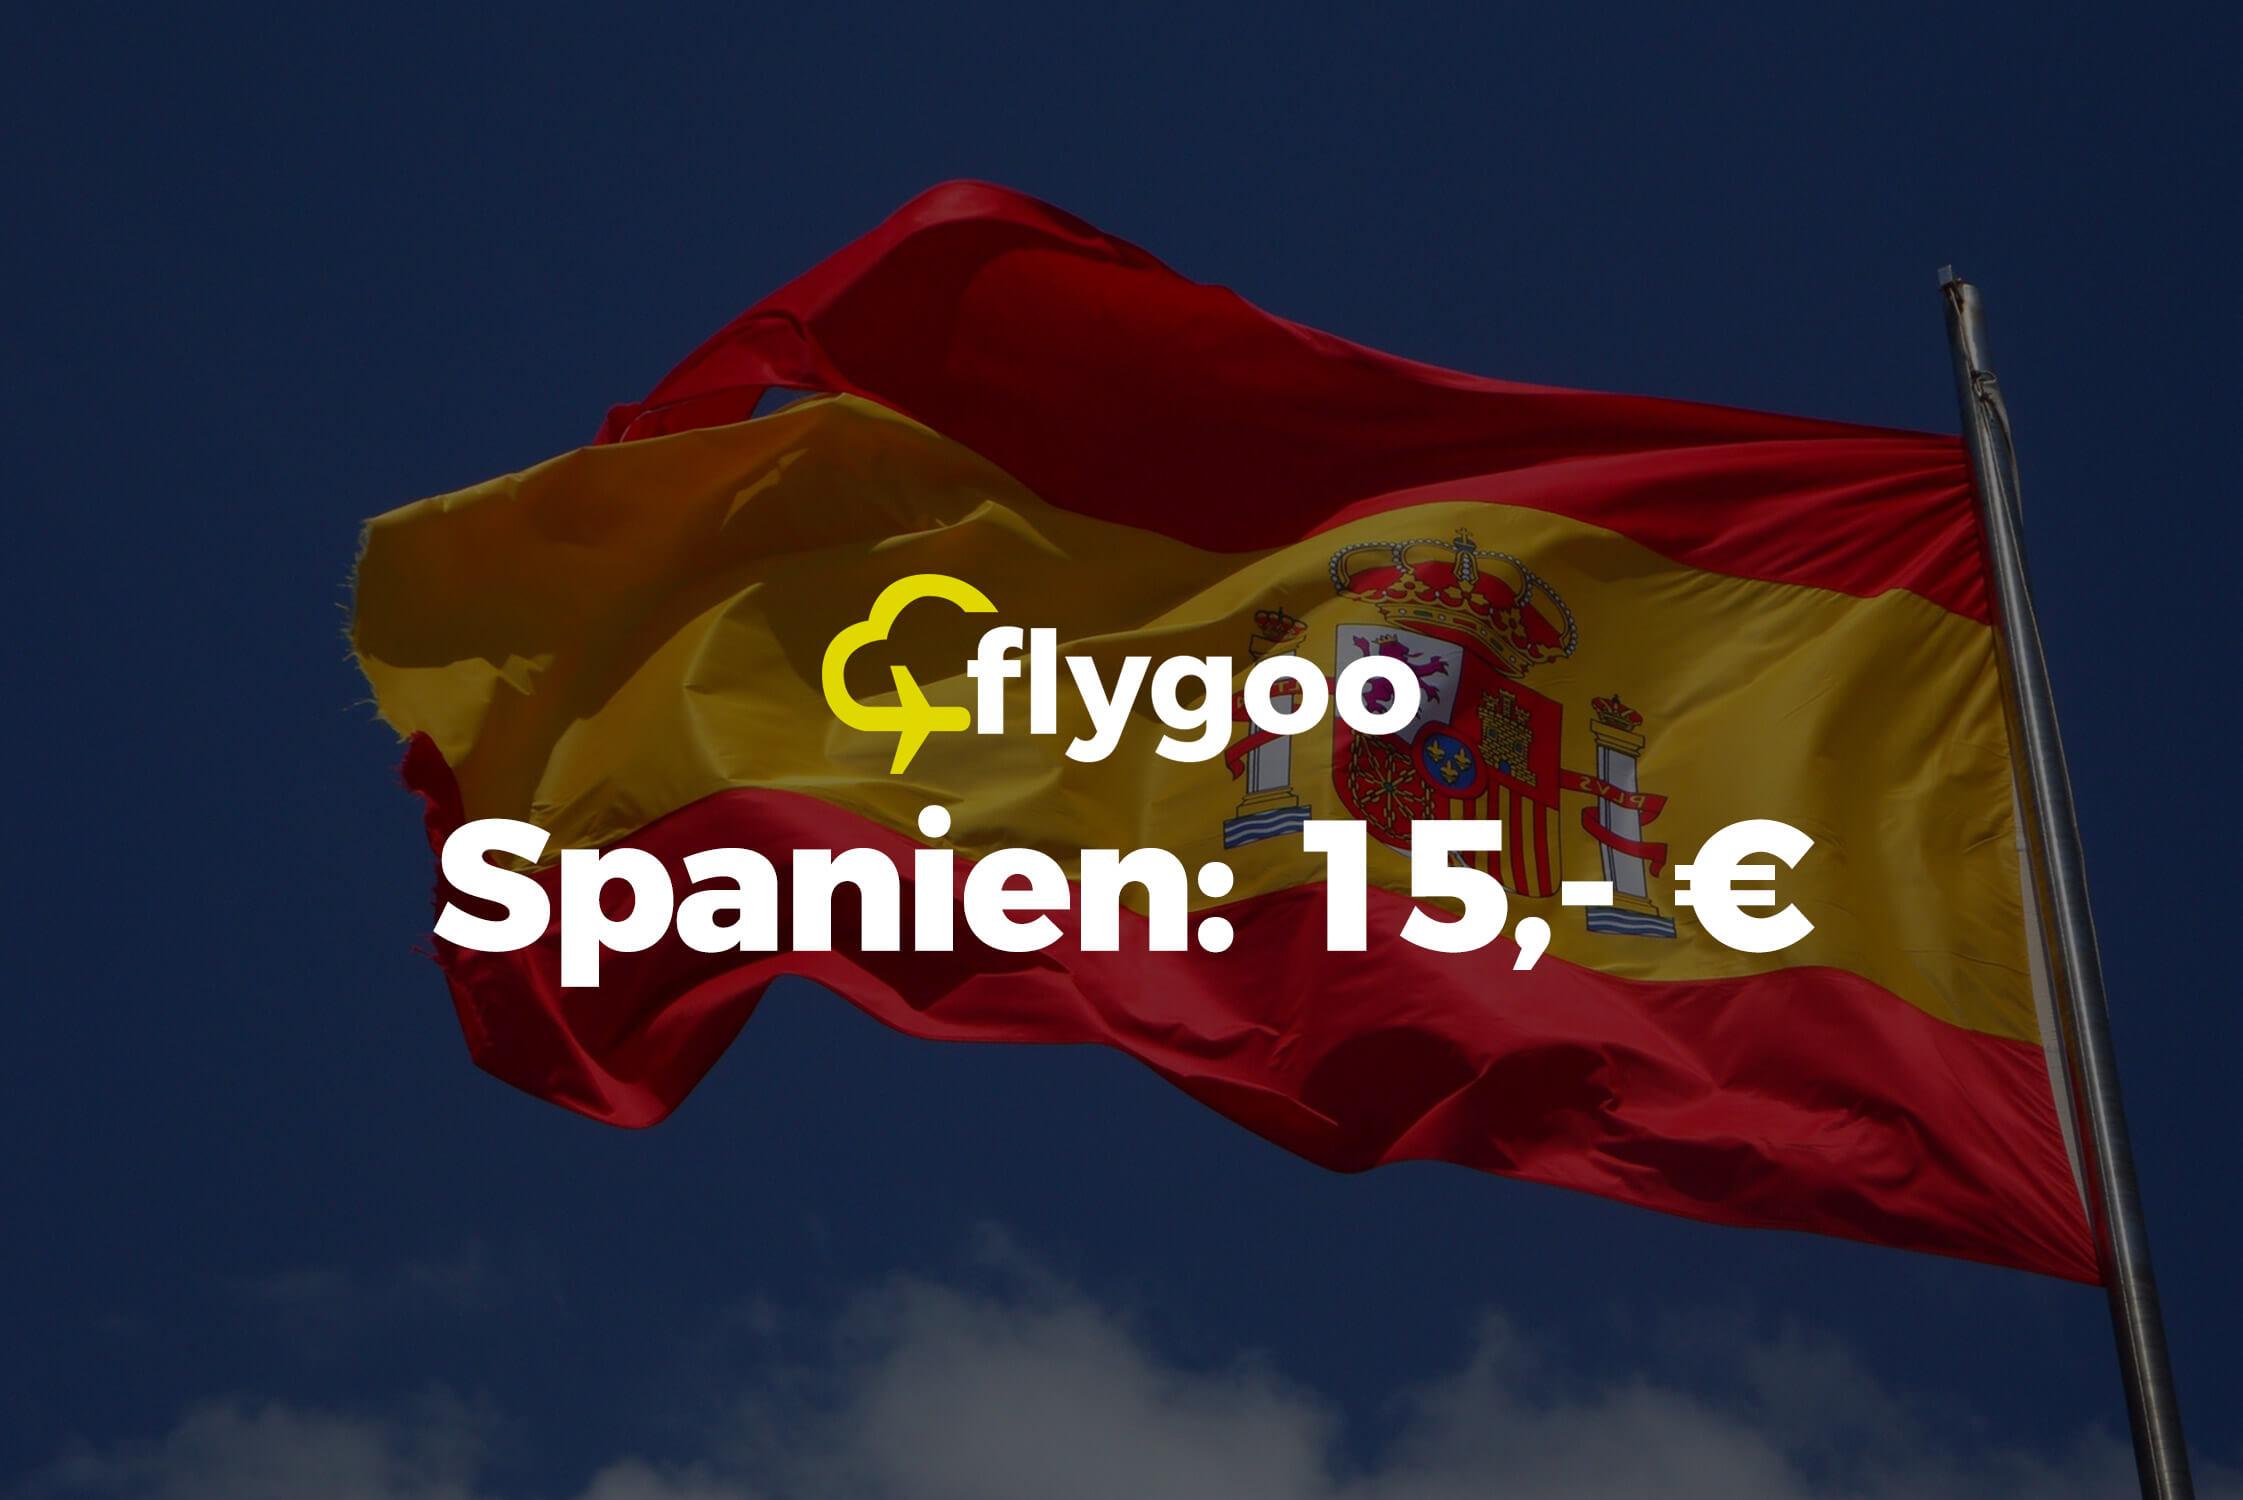 Ab 15 Euro nach Spanien fliegen!